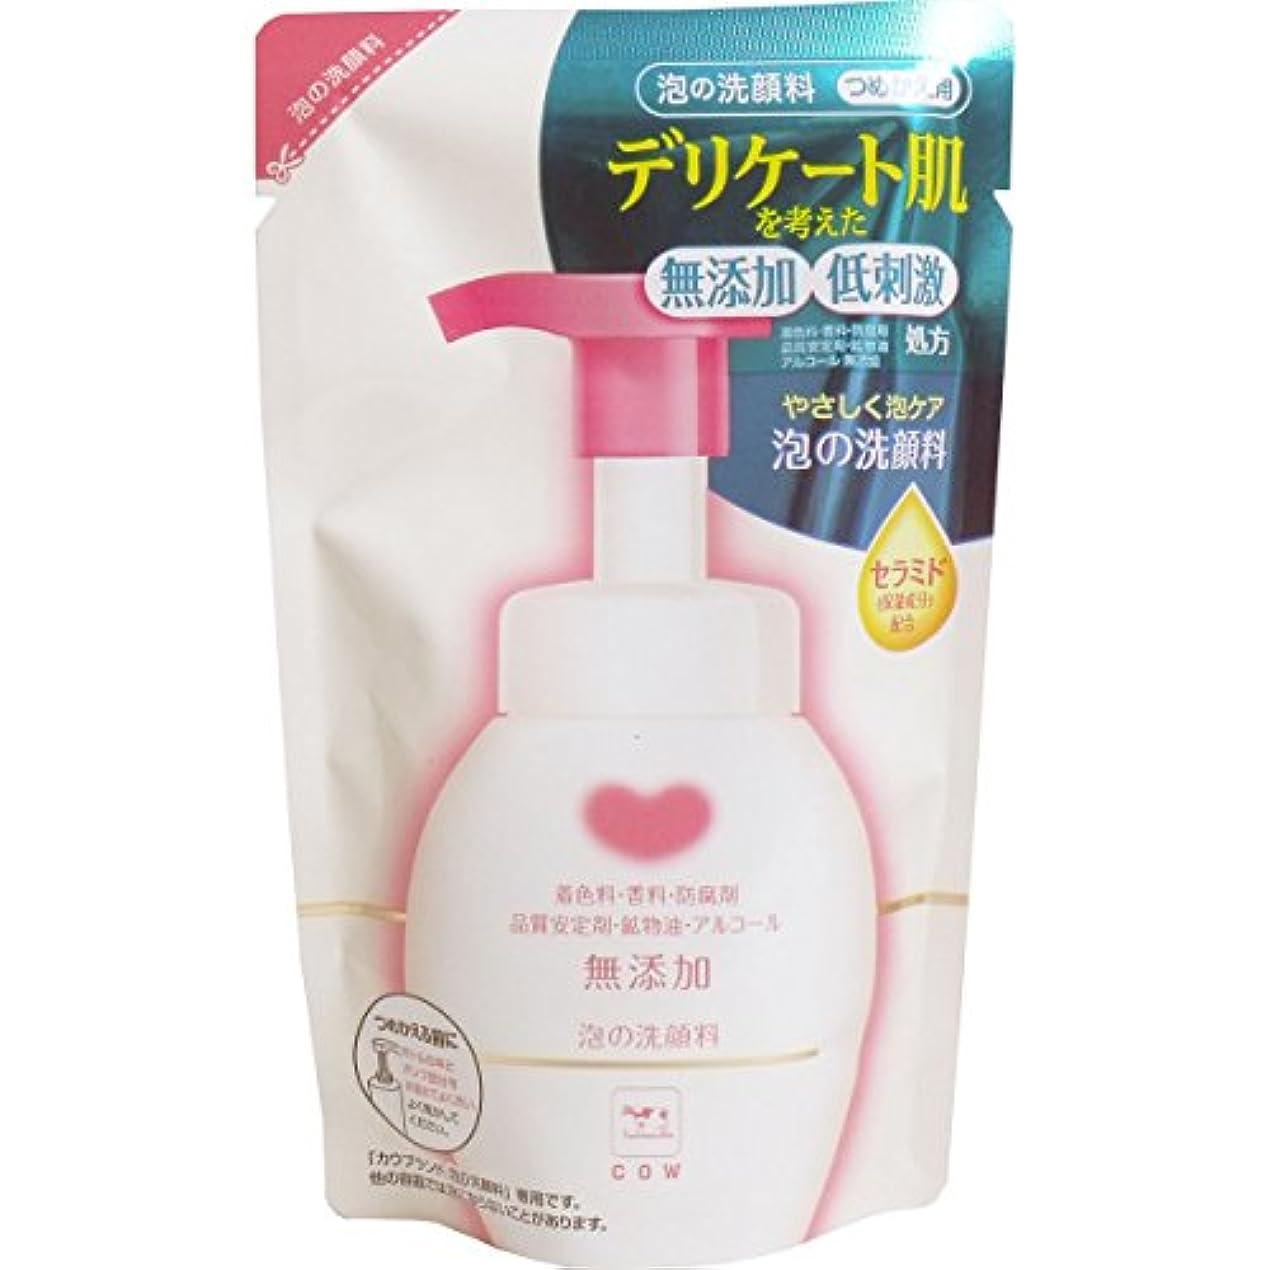 中古信じる不良【まとめ買い】カウブランド 無添加泡の洗顔料 詰替用 180ML ×2セット